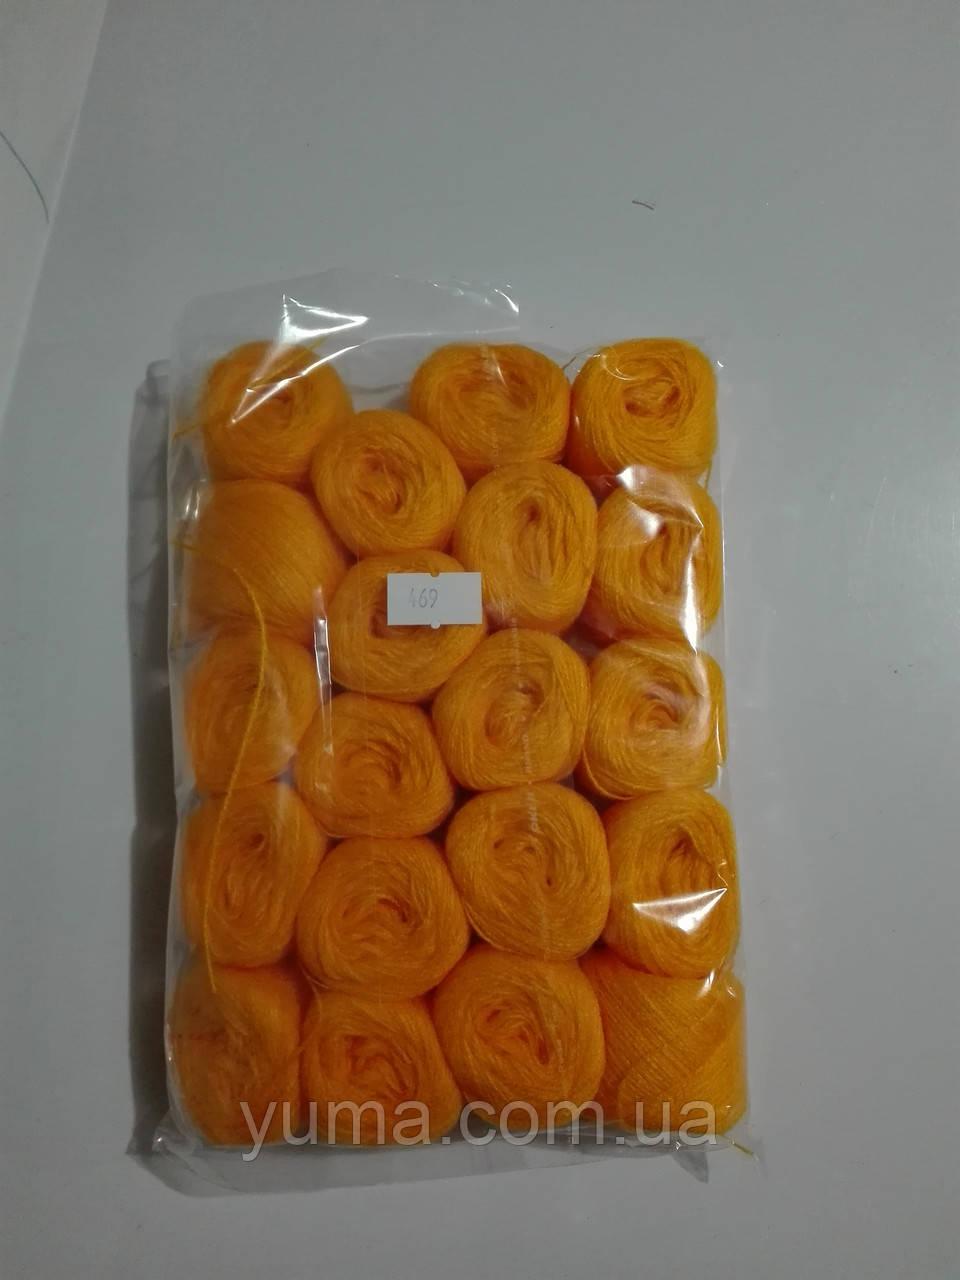 Нитки акриловые для вышивания по 5 грамм 20 клубков в упаковке вес упаковки 100 грамм. В одном клубке около 80